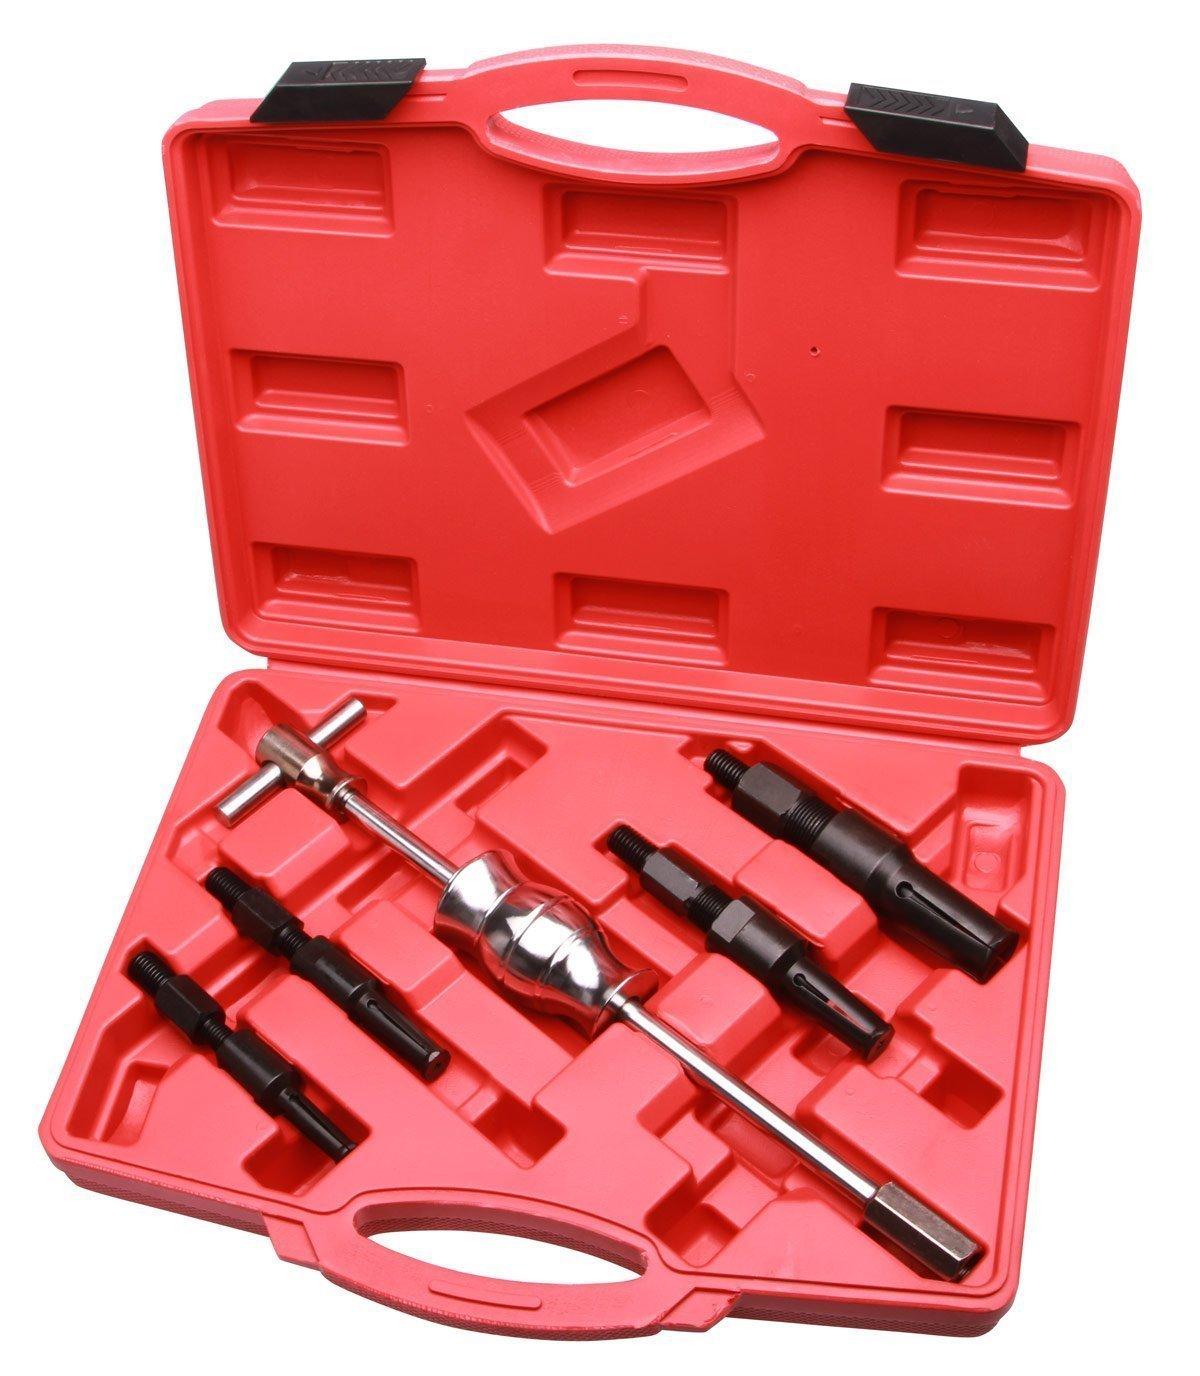 LARS360 - Estrattore cuscinetti, 5 pezzi: 1 martello scorrevole e 4 estrattori, da 10 mm fino a 32 mm